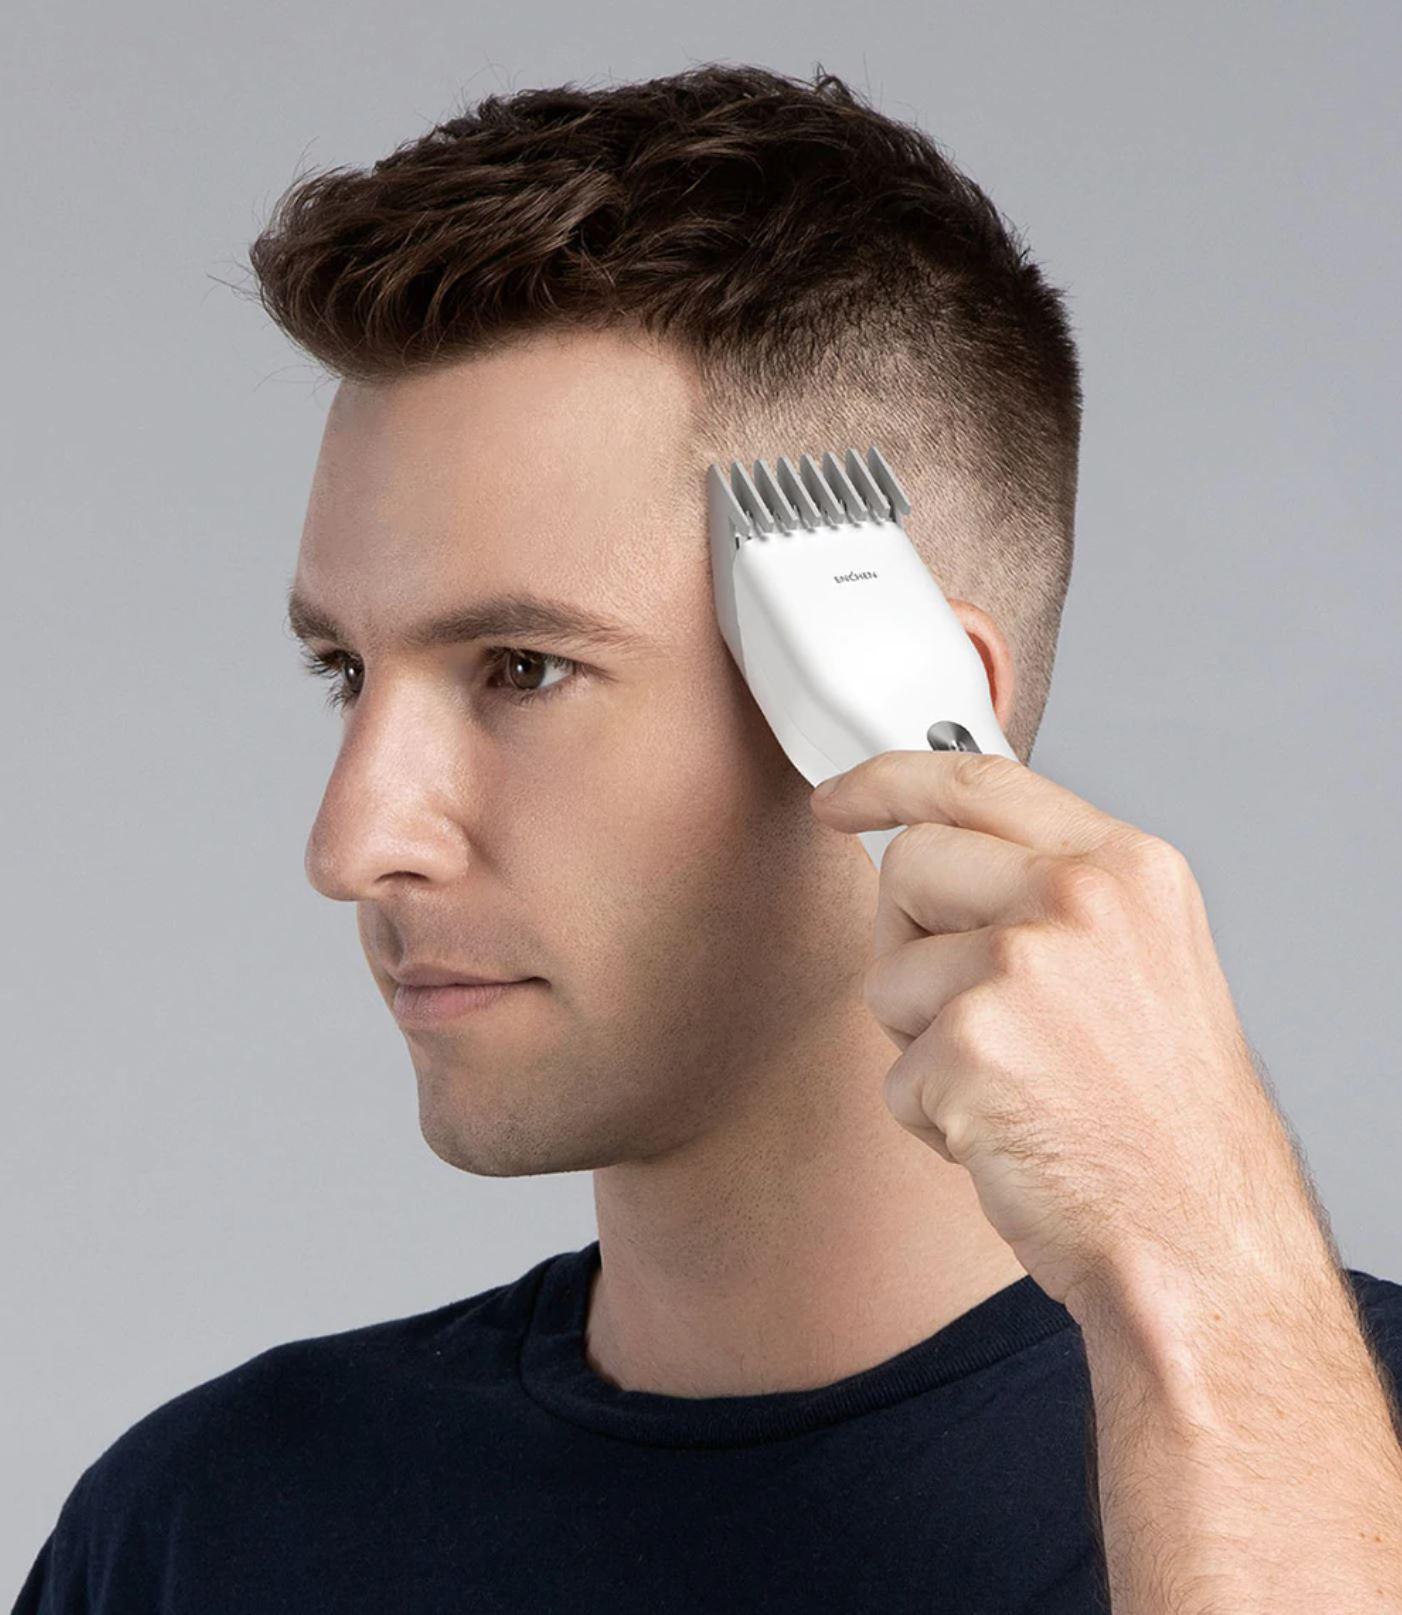 Bestsellery Aliexpress w urodzinowej promocji - maszynka do strzyżenia włosów ENCHEN